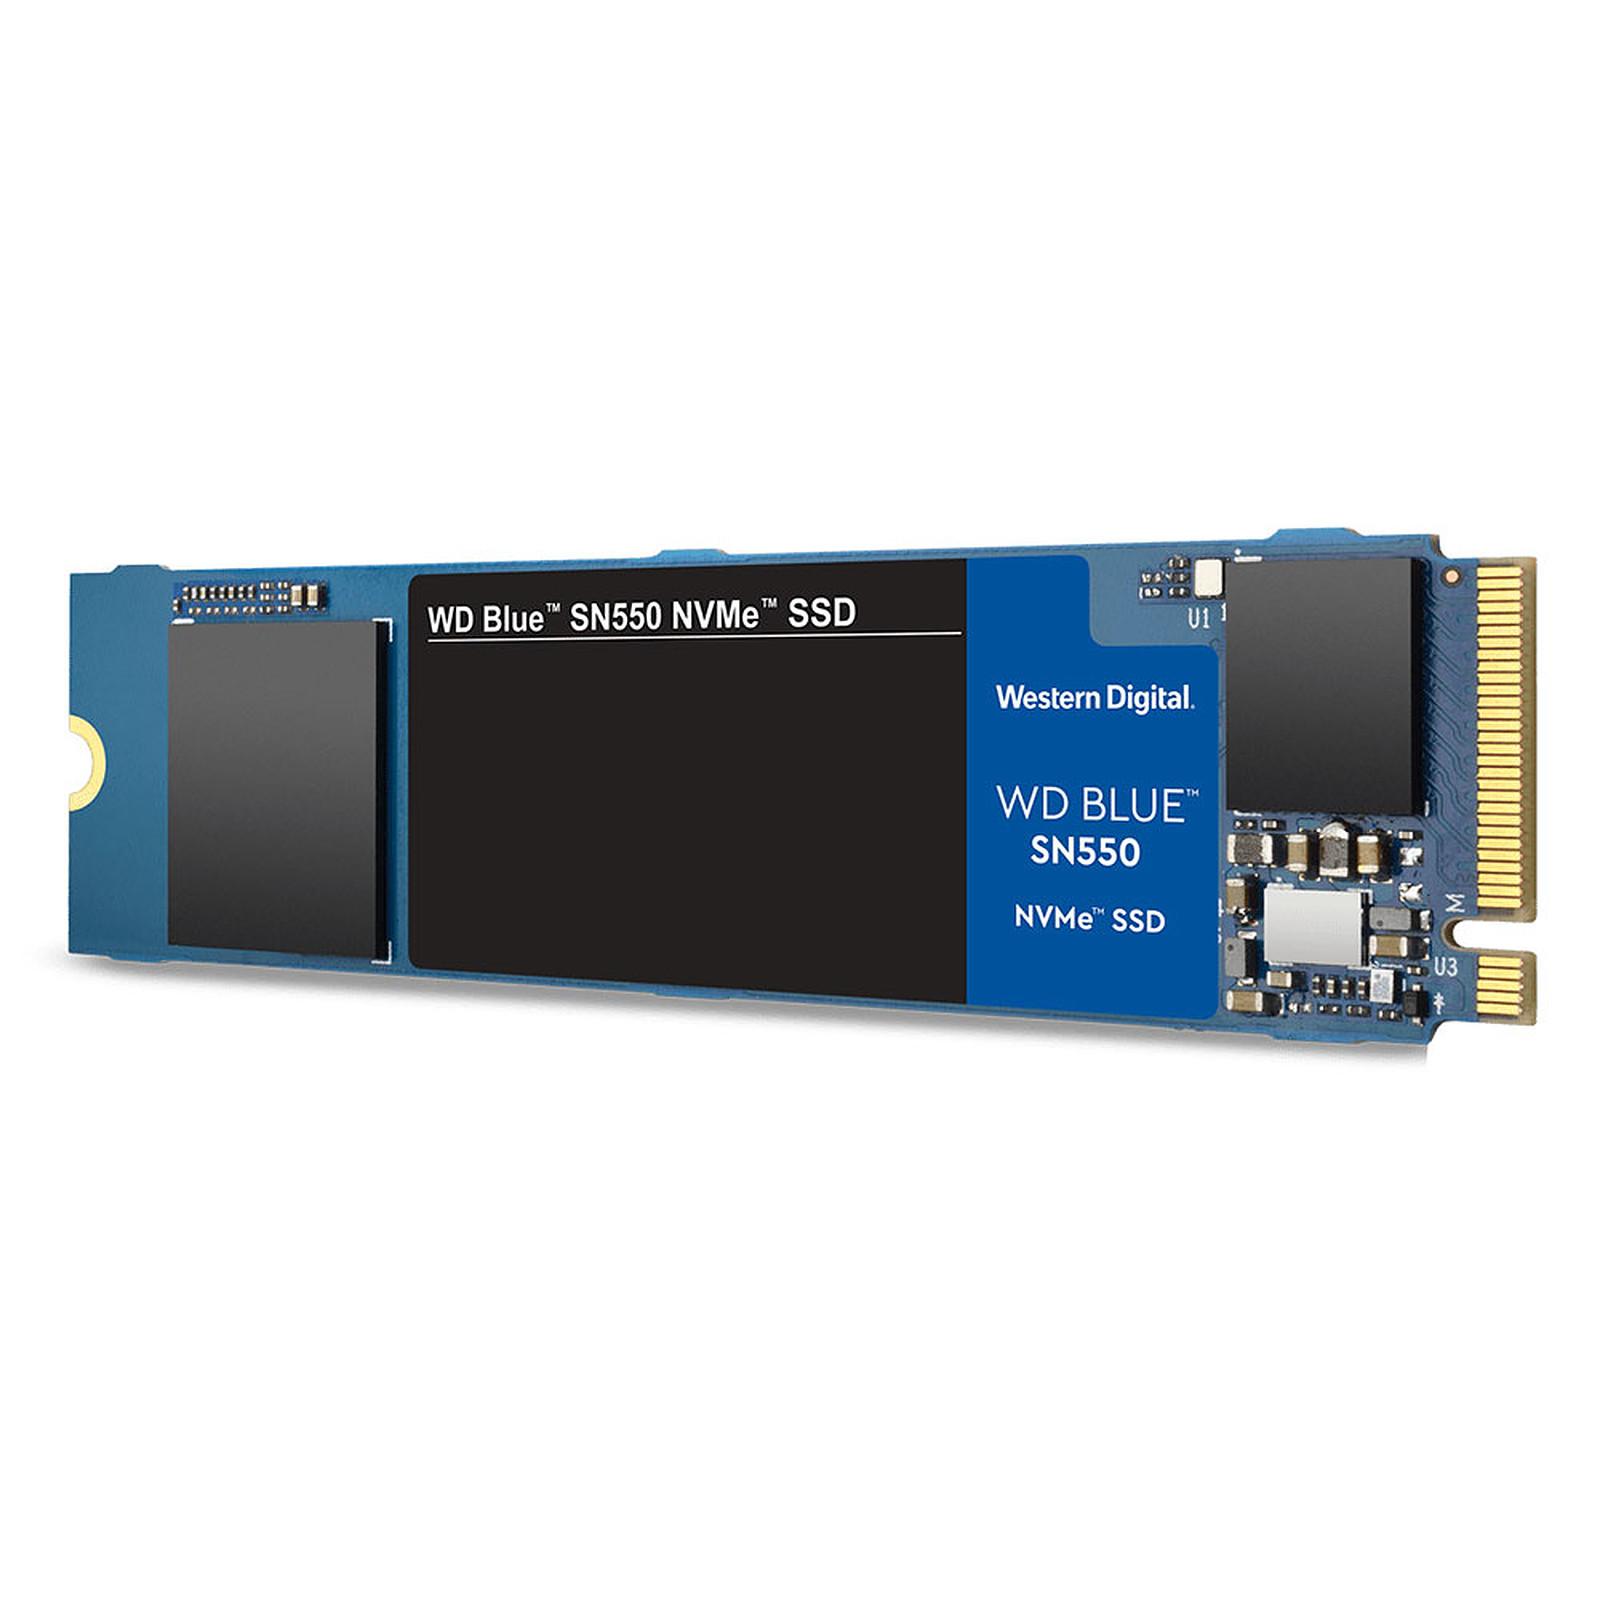 Western Digital SSD WD Blue SN550 1 TB